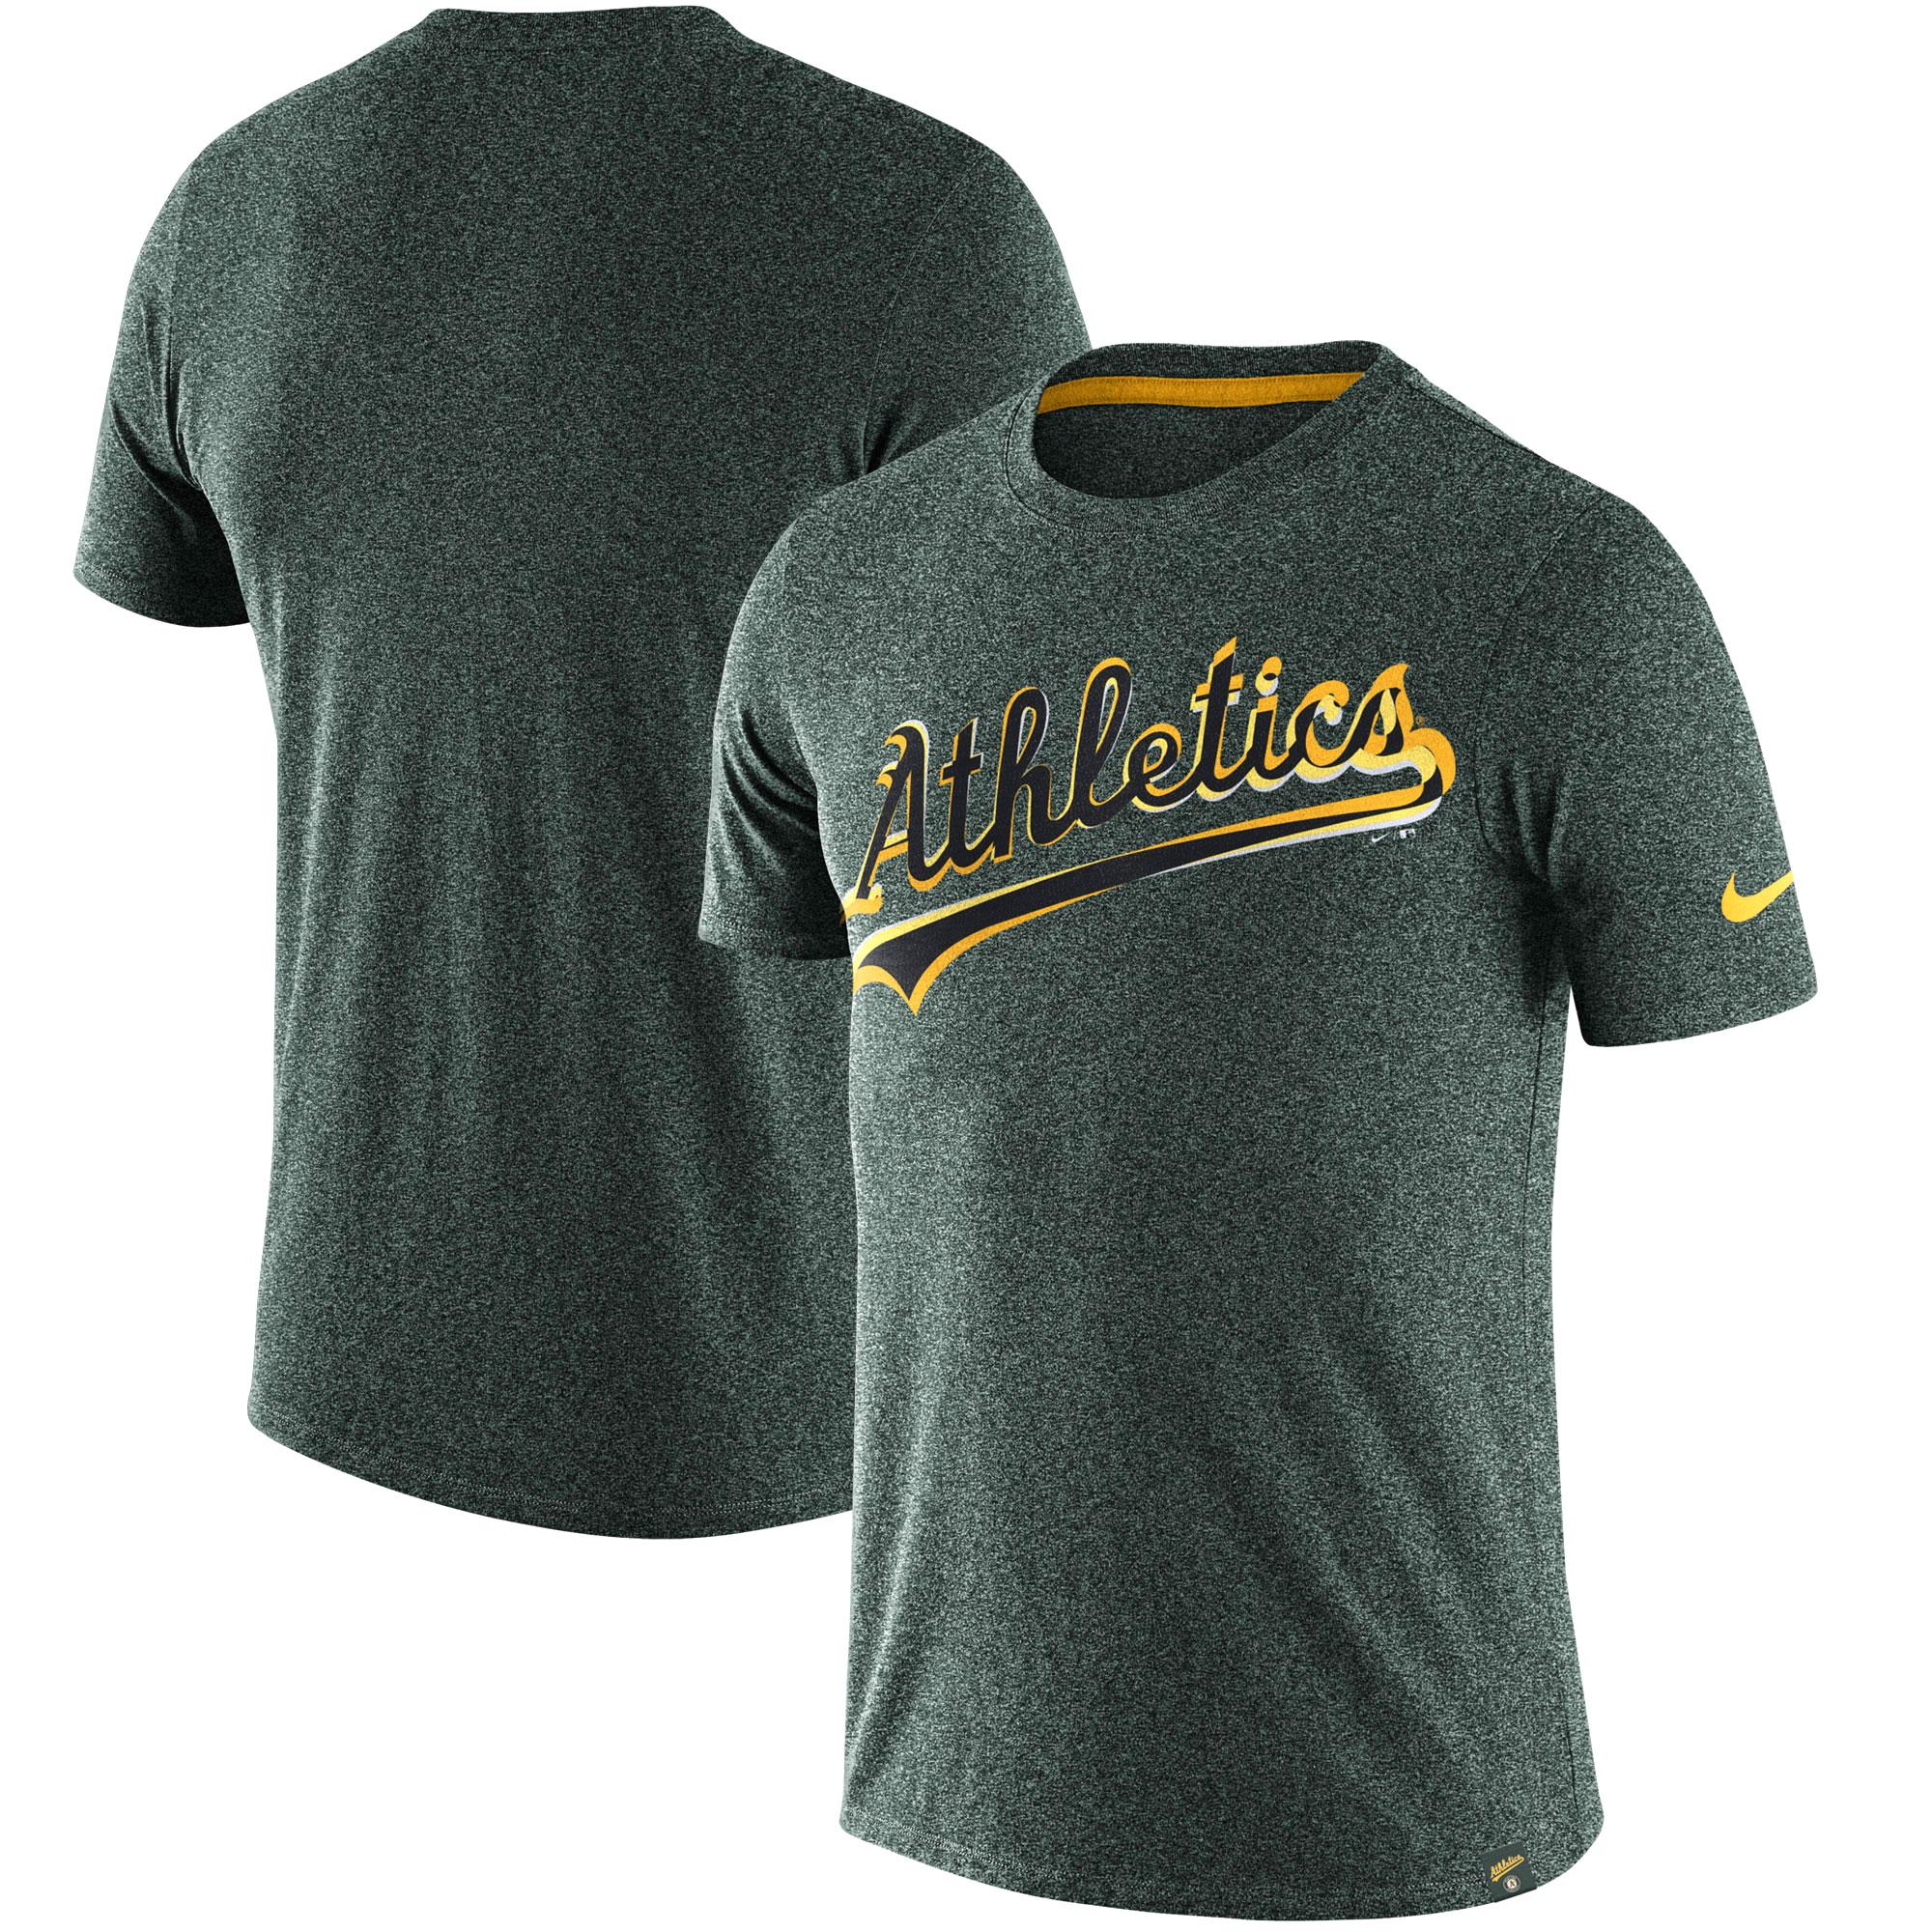 Oakland Athletics Nike Marled Wordmark T-Shirt - Heathered Green